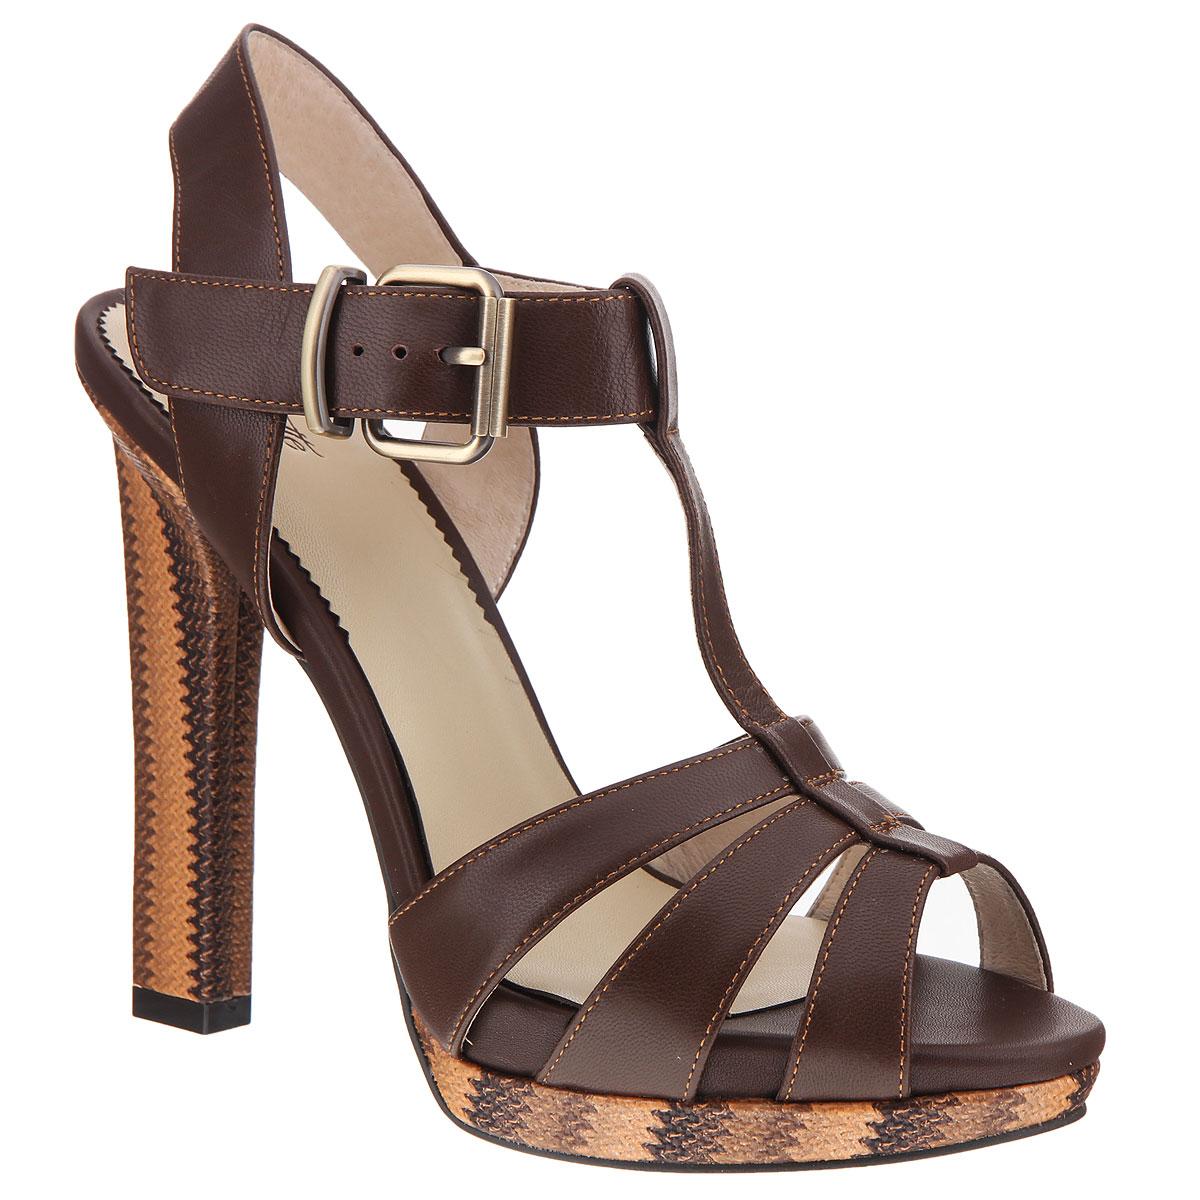 Босоножки женские. CZL147-251ACZL147-251AСтильные босоножки на каблуке от Lisette станут прекрасным дополнением летнего гардероба. Верх модели выполнен из натуральной кожи. Внутренняя часть и стелька из натуральной кожи гарантируют комфорт и удобство. Босоножки с открытым носком и пяткой надежно фиксирует на ноге Т-образный ремешок с металлической пряжкой. Устойчивый широкий каблук и невысокая платформа оформлены декоративной отделкой. Подошва выполнена из прочной резины с нескользящим рифлением. Такие босоножки сделают вас ярче и подчеркнут вашу индивидуальность!